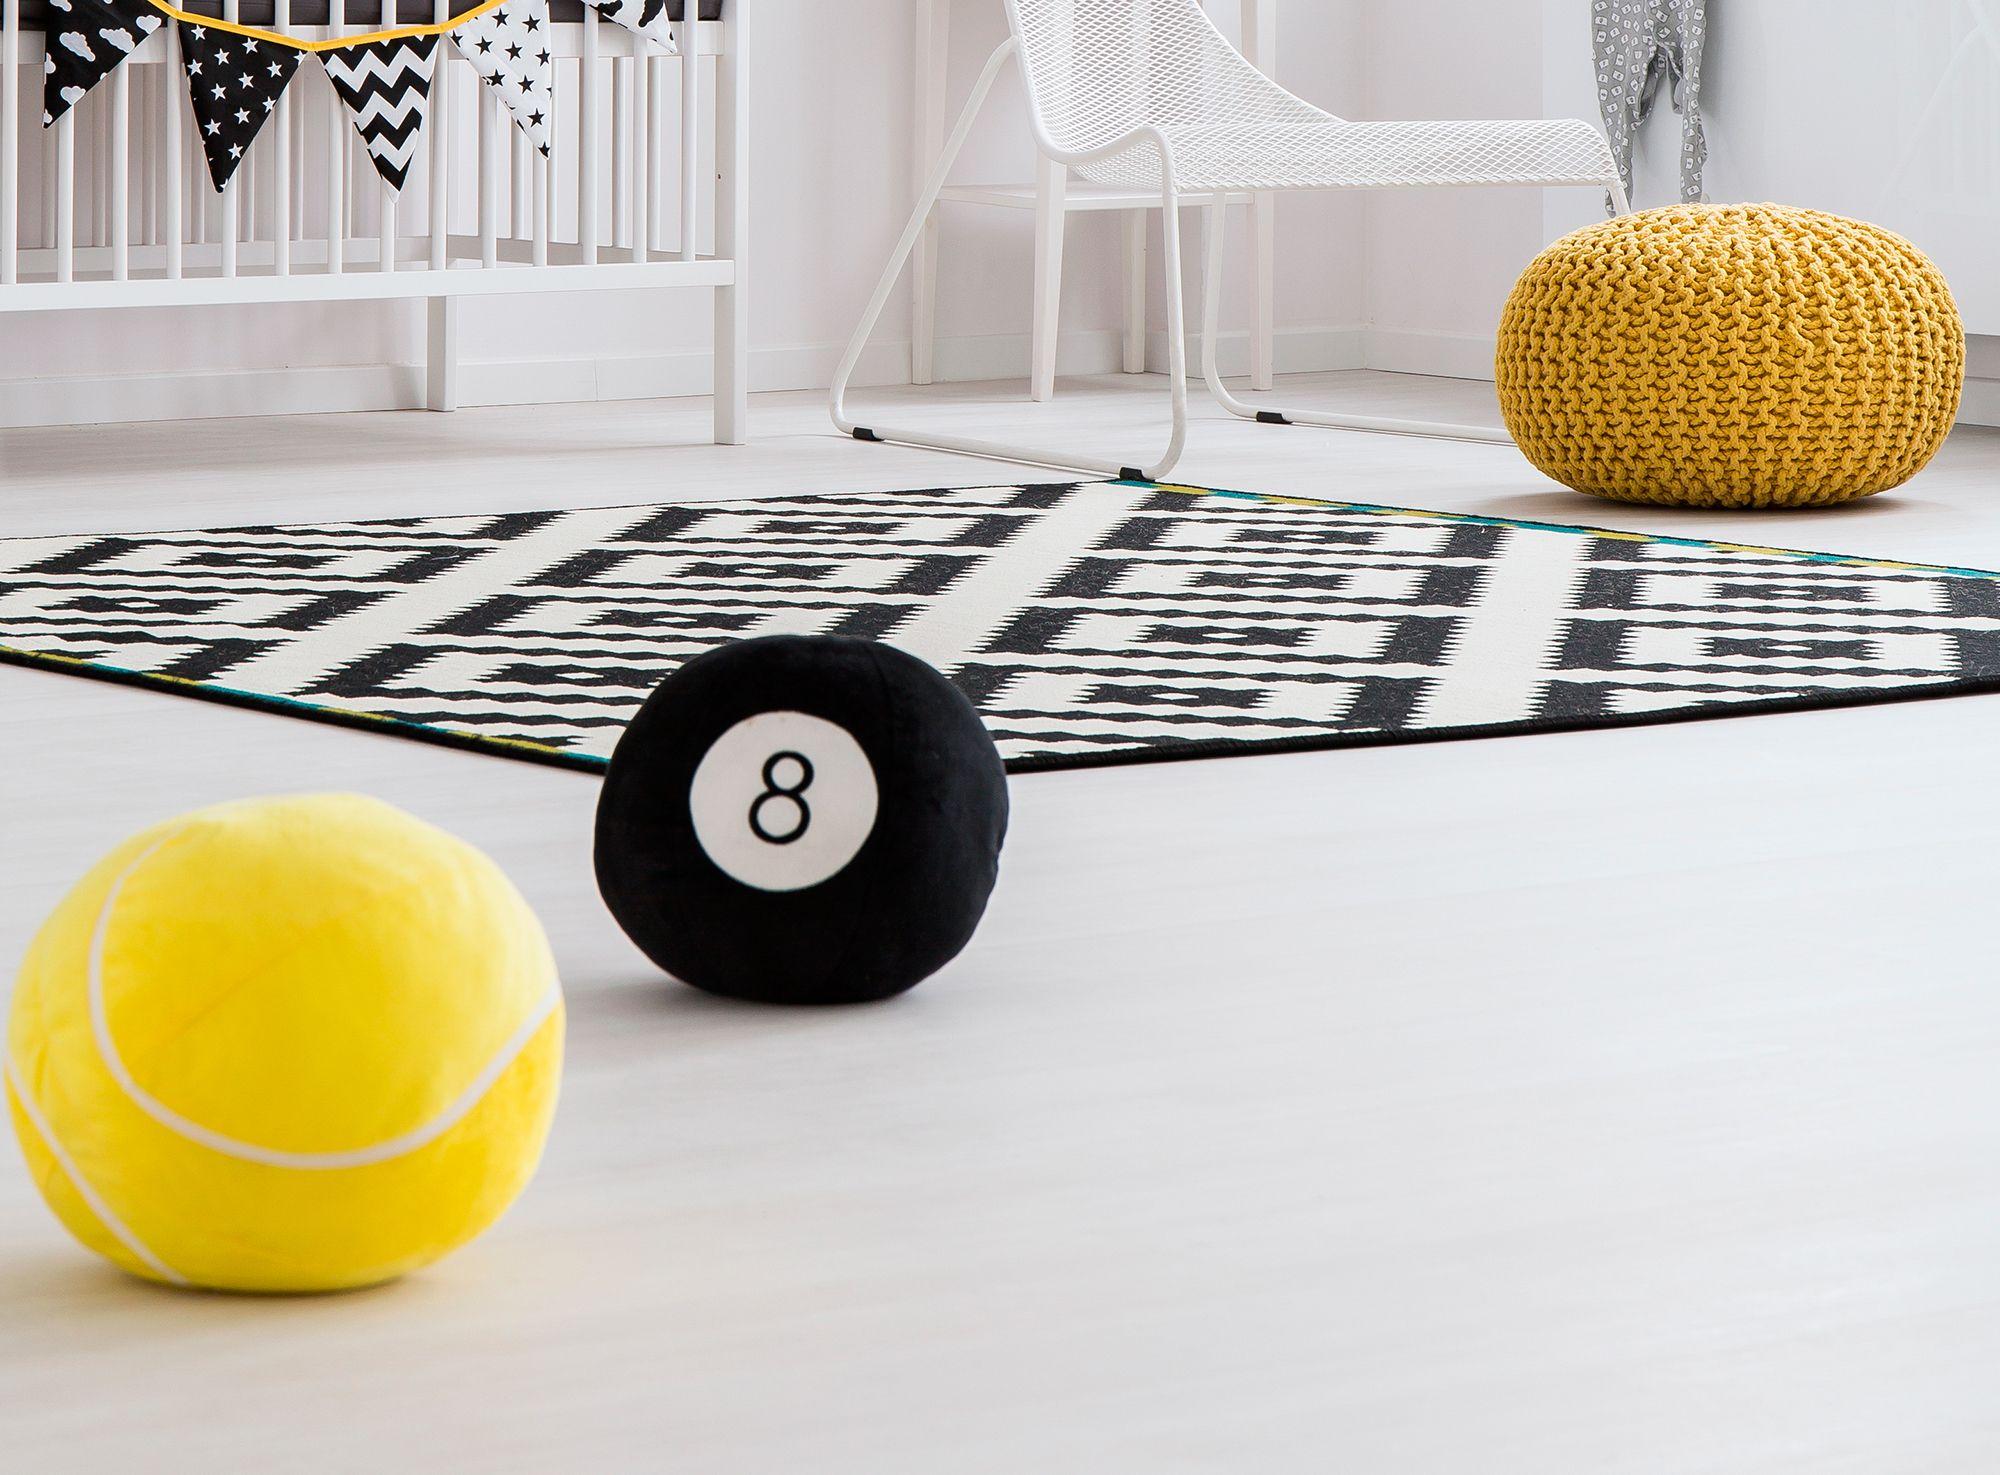 décorer la chambre de style nordique - tapis bouffant